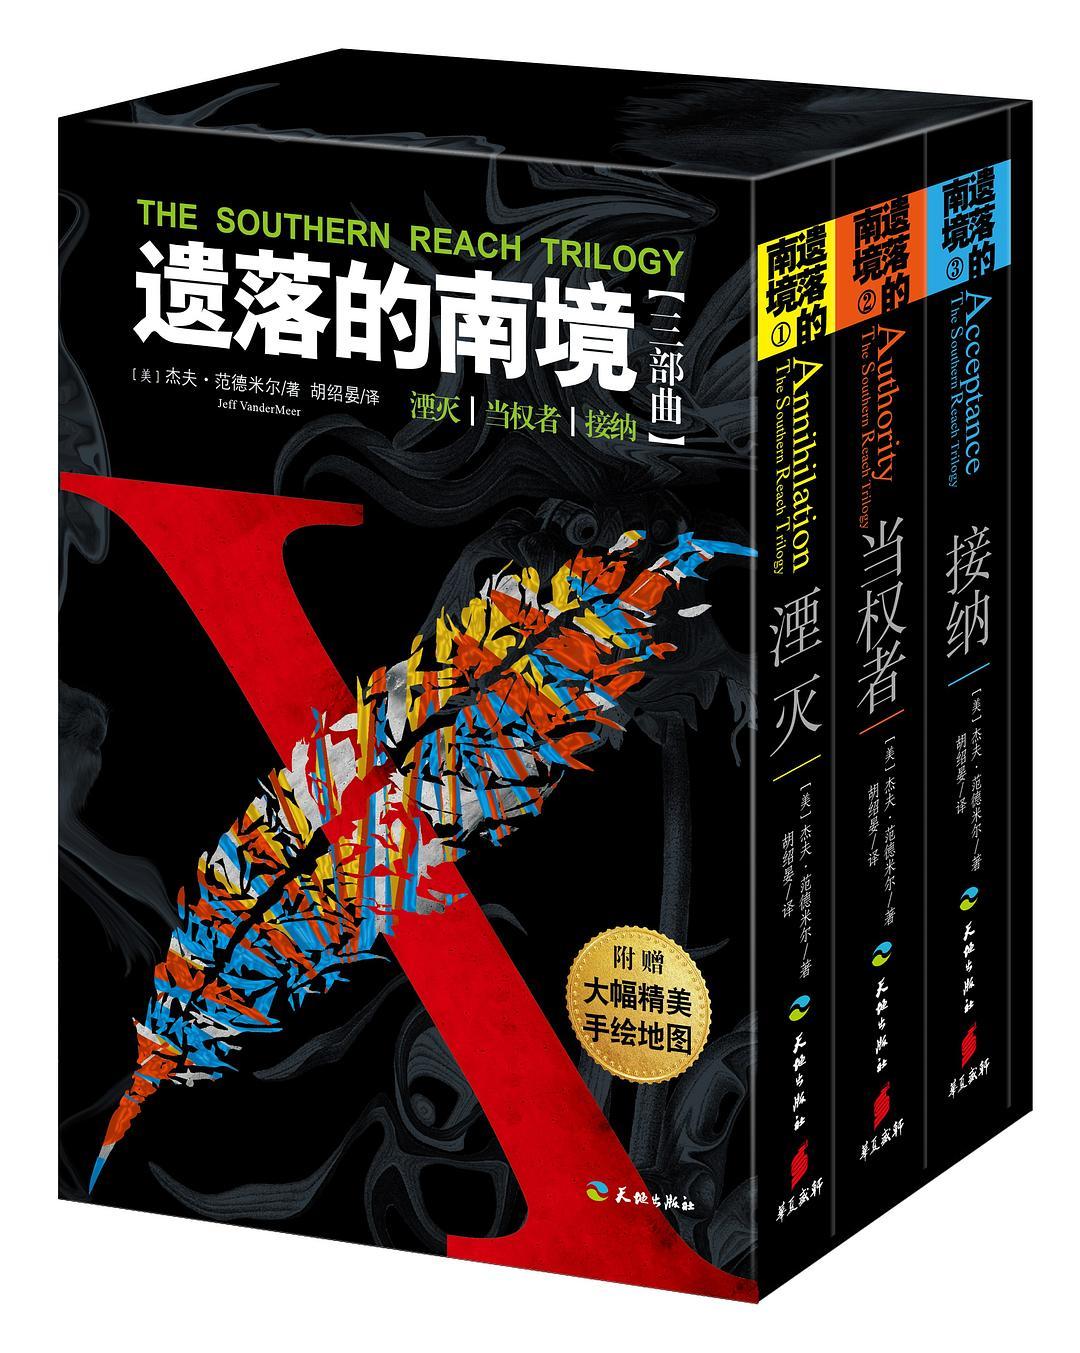 遗落的南境(三部曲)PDF下载